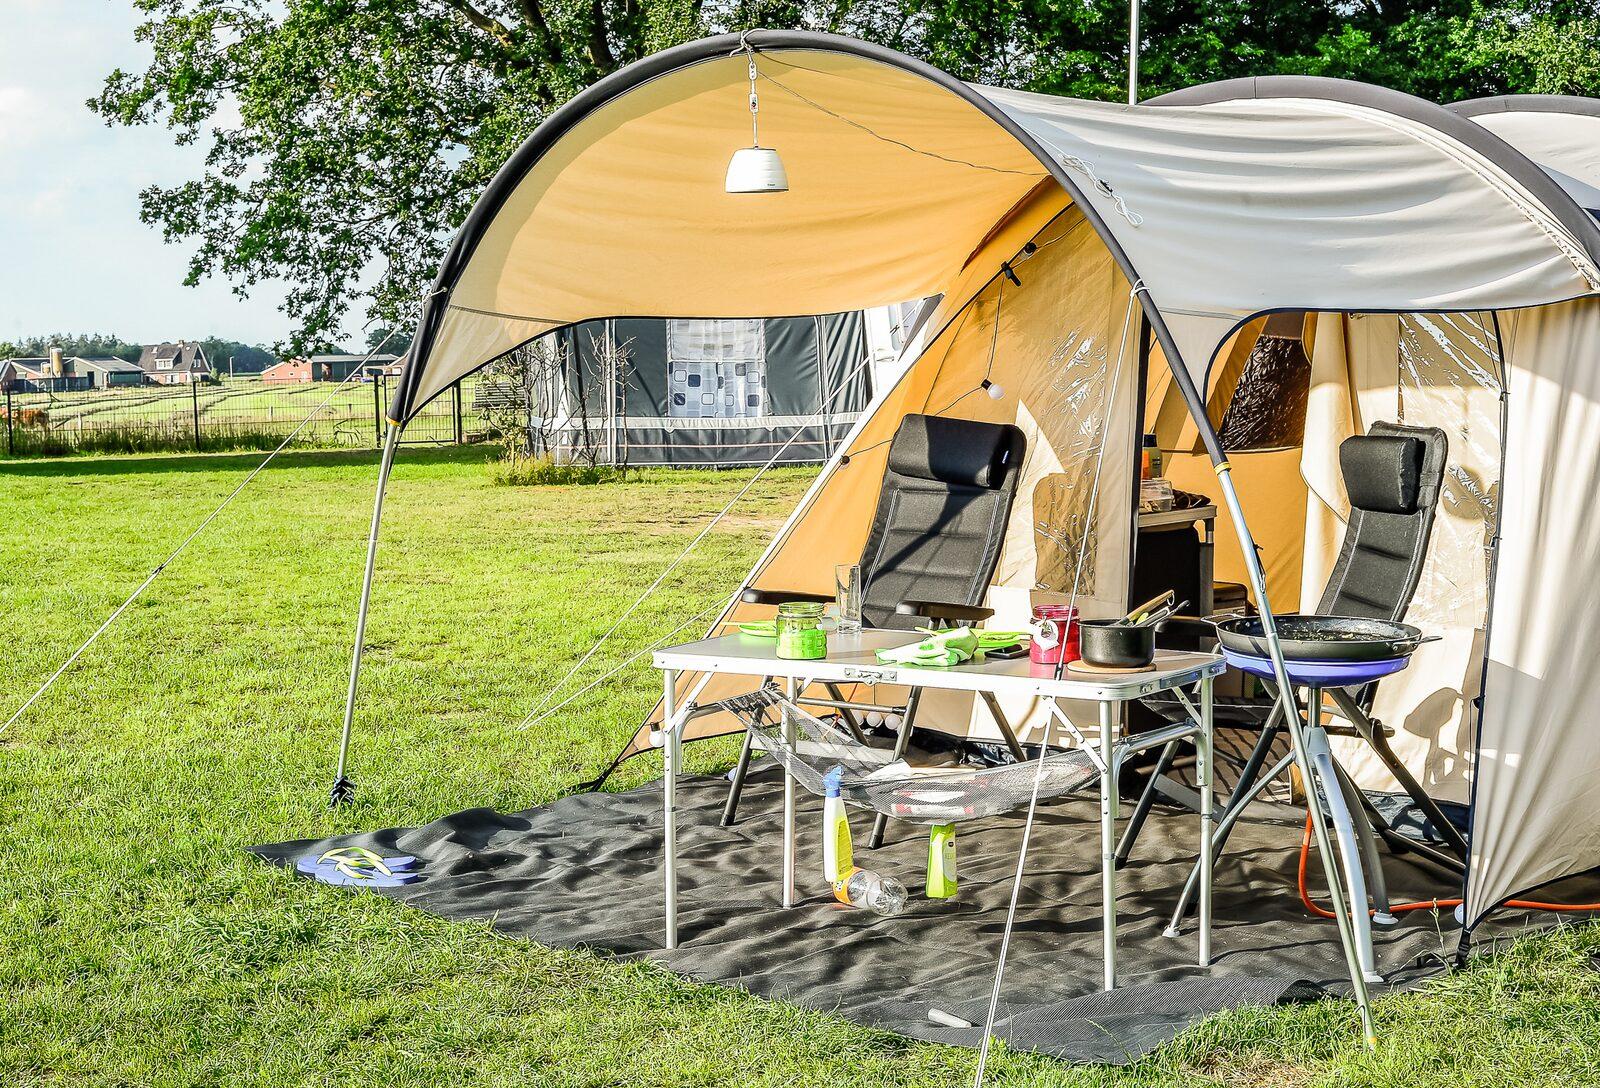 1 week kamperen tijdens de Reggestreek Wandel4daagse van 18 juni tot 25 juni 2022